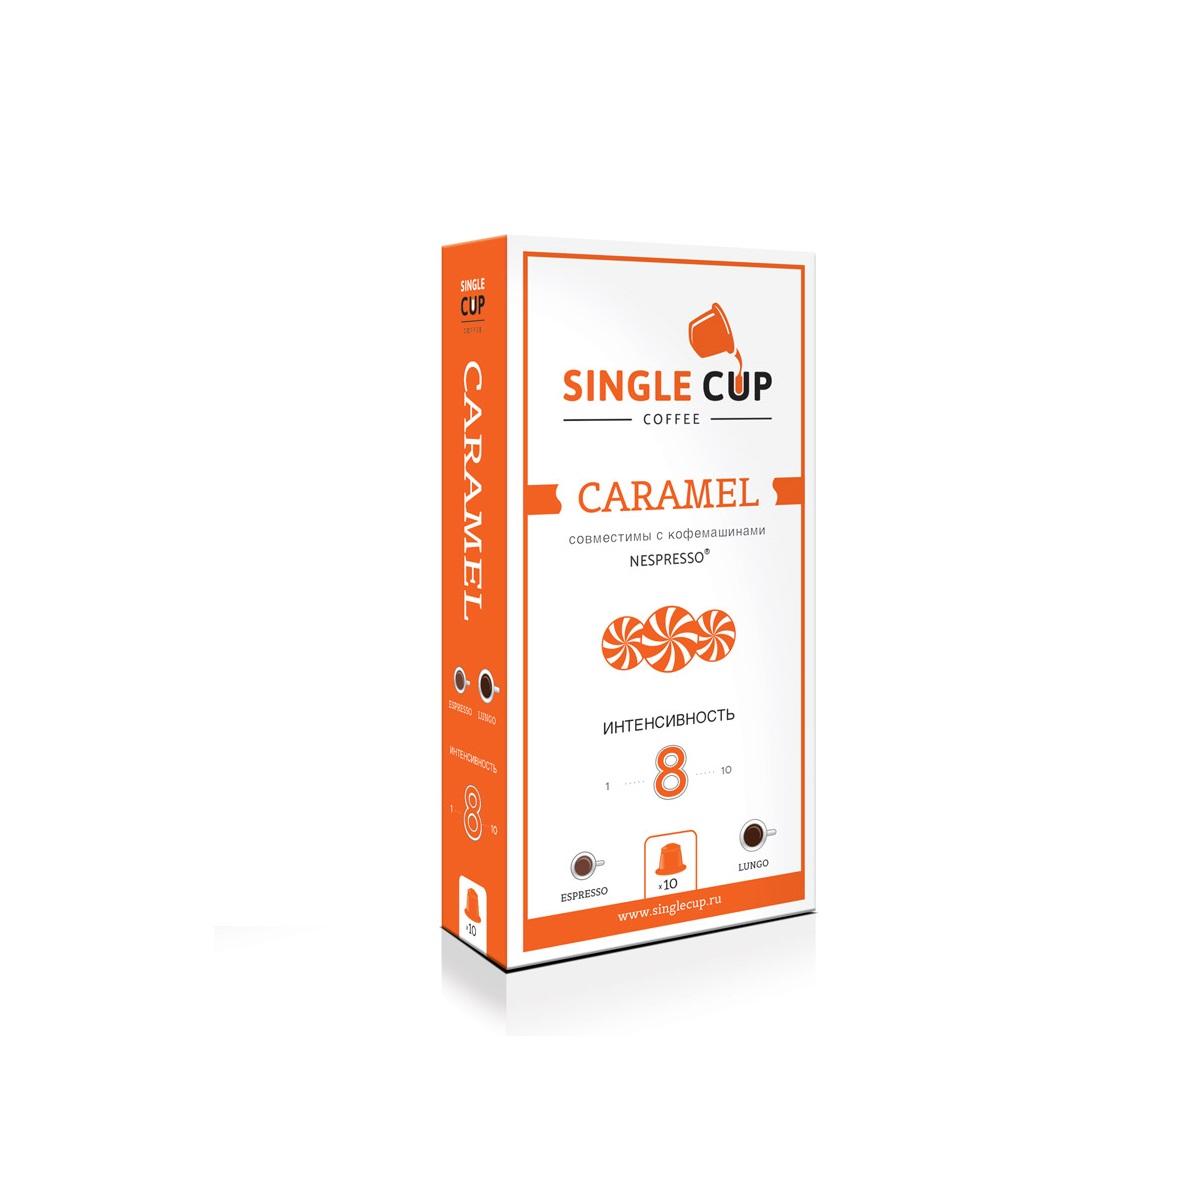 Кофе в капсулах Single Cup Coffee Caramel, 55 г